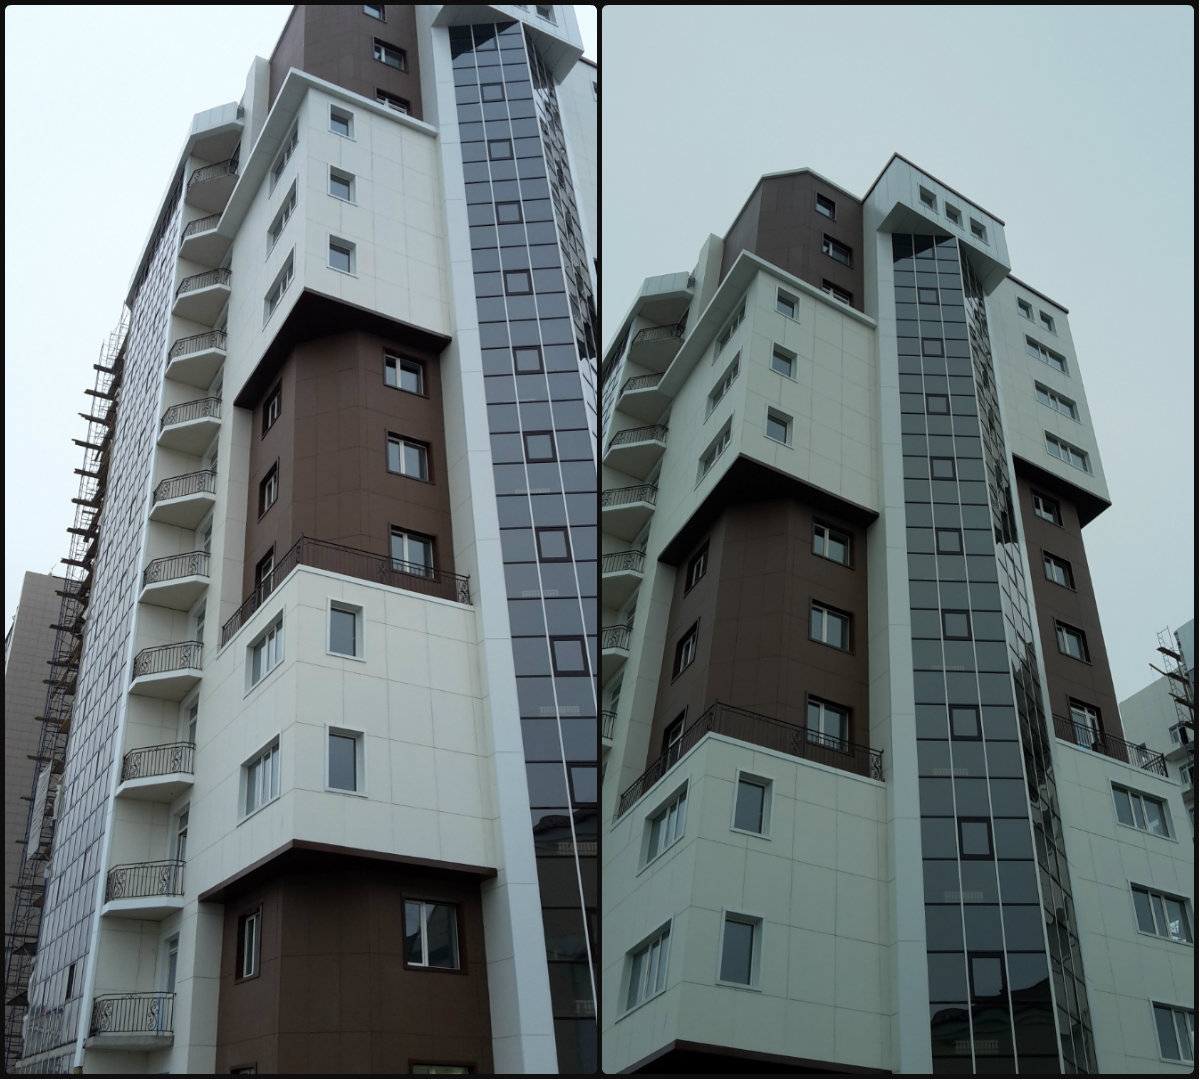 Облицовка фасада - какой материал лучше?